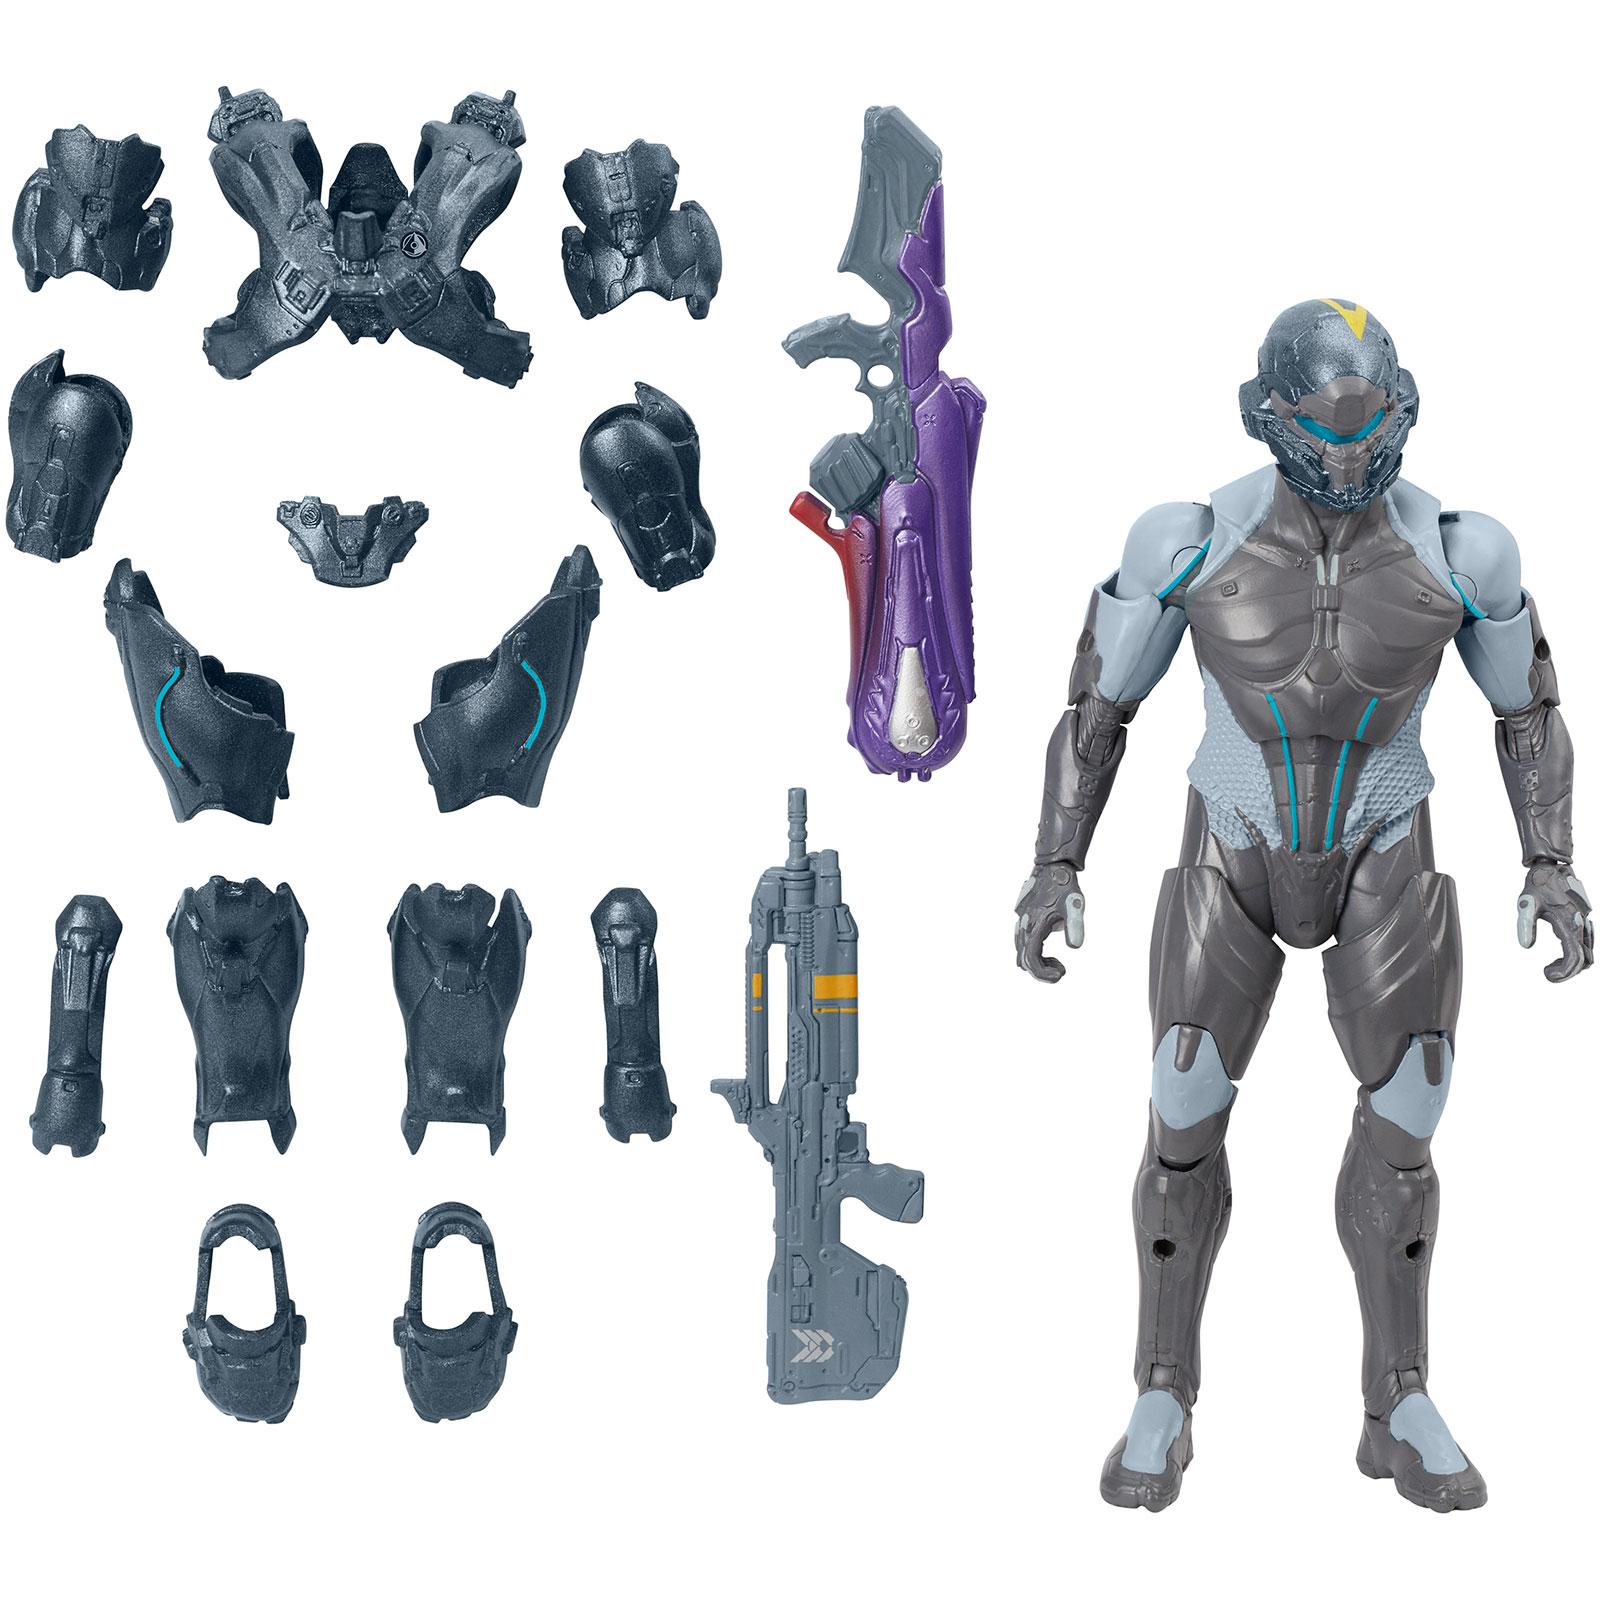 Mattel, Halo 6 inch Action Figure - Spartan Locke PartNumber: 004W002775872003P